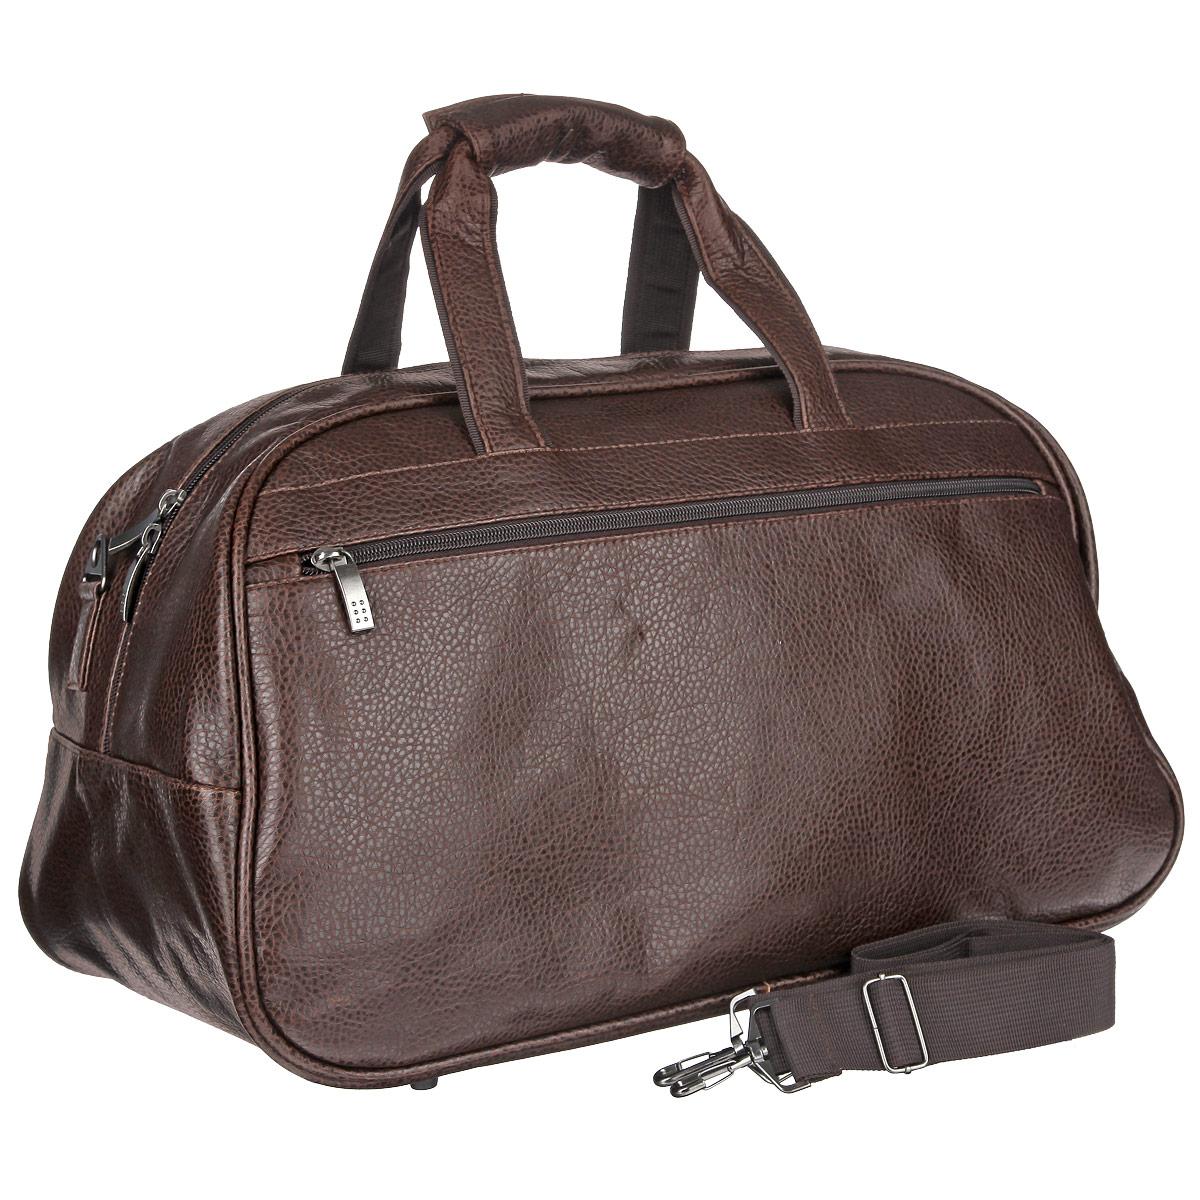 e7c325a38633 Вместительная дорожная сумка